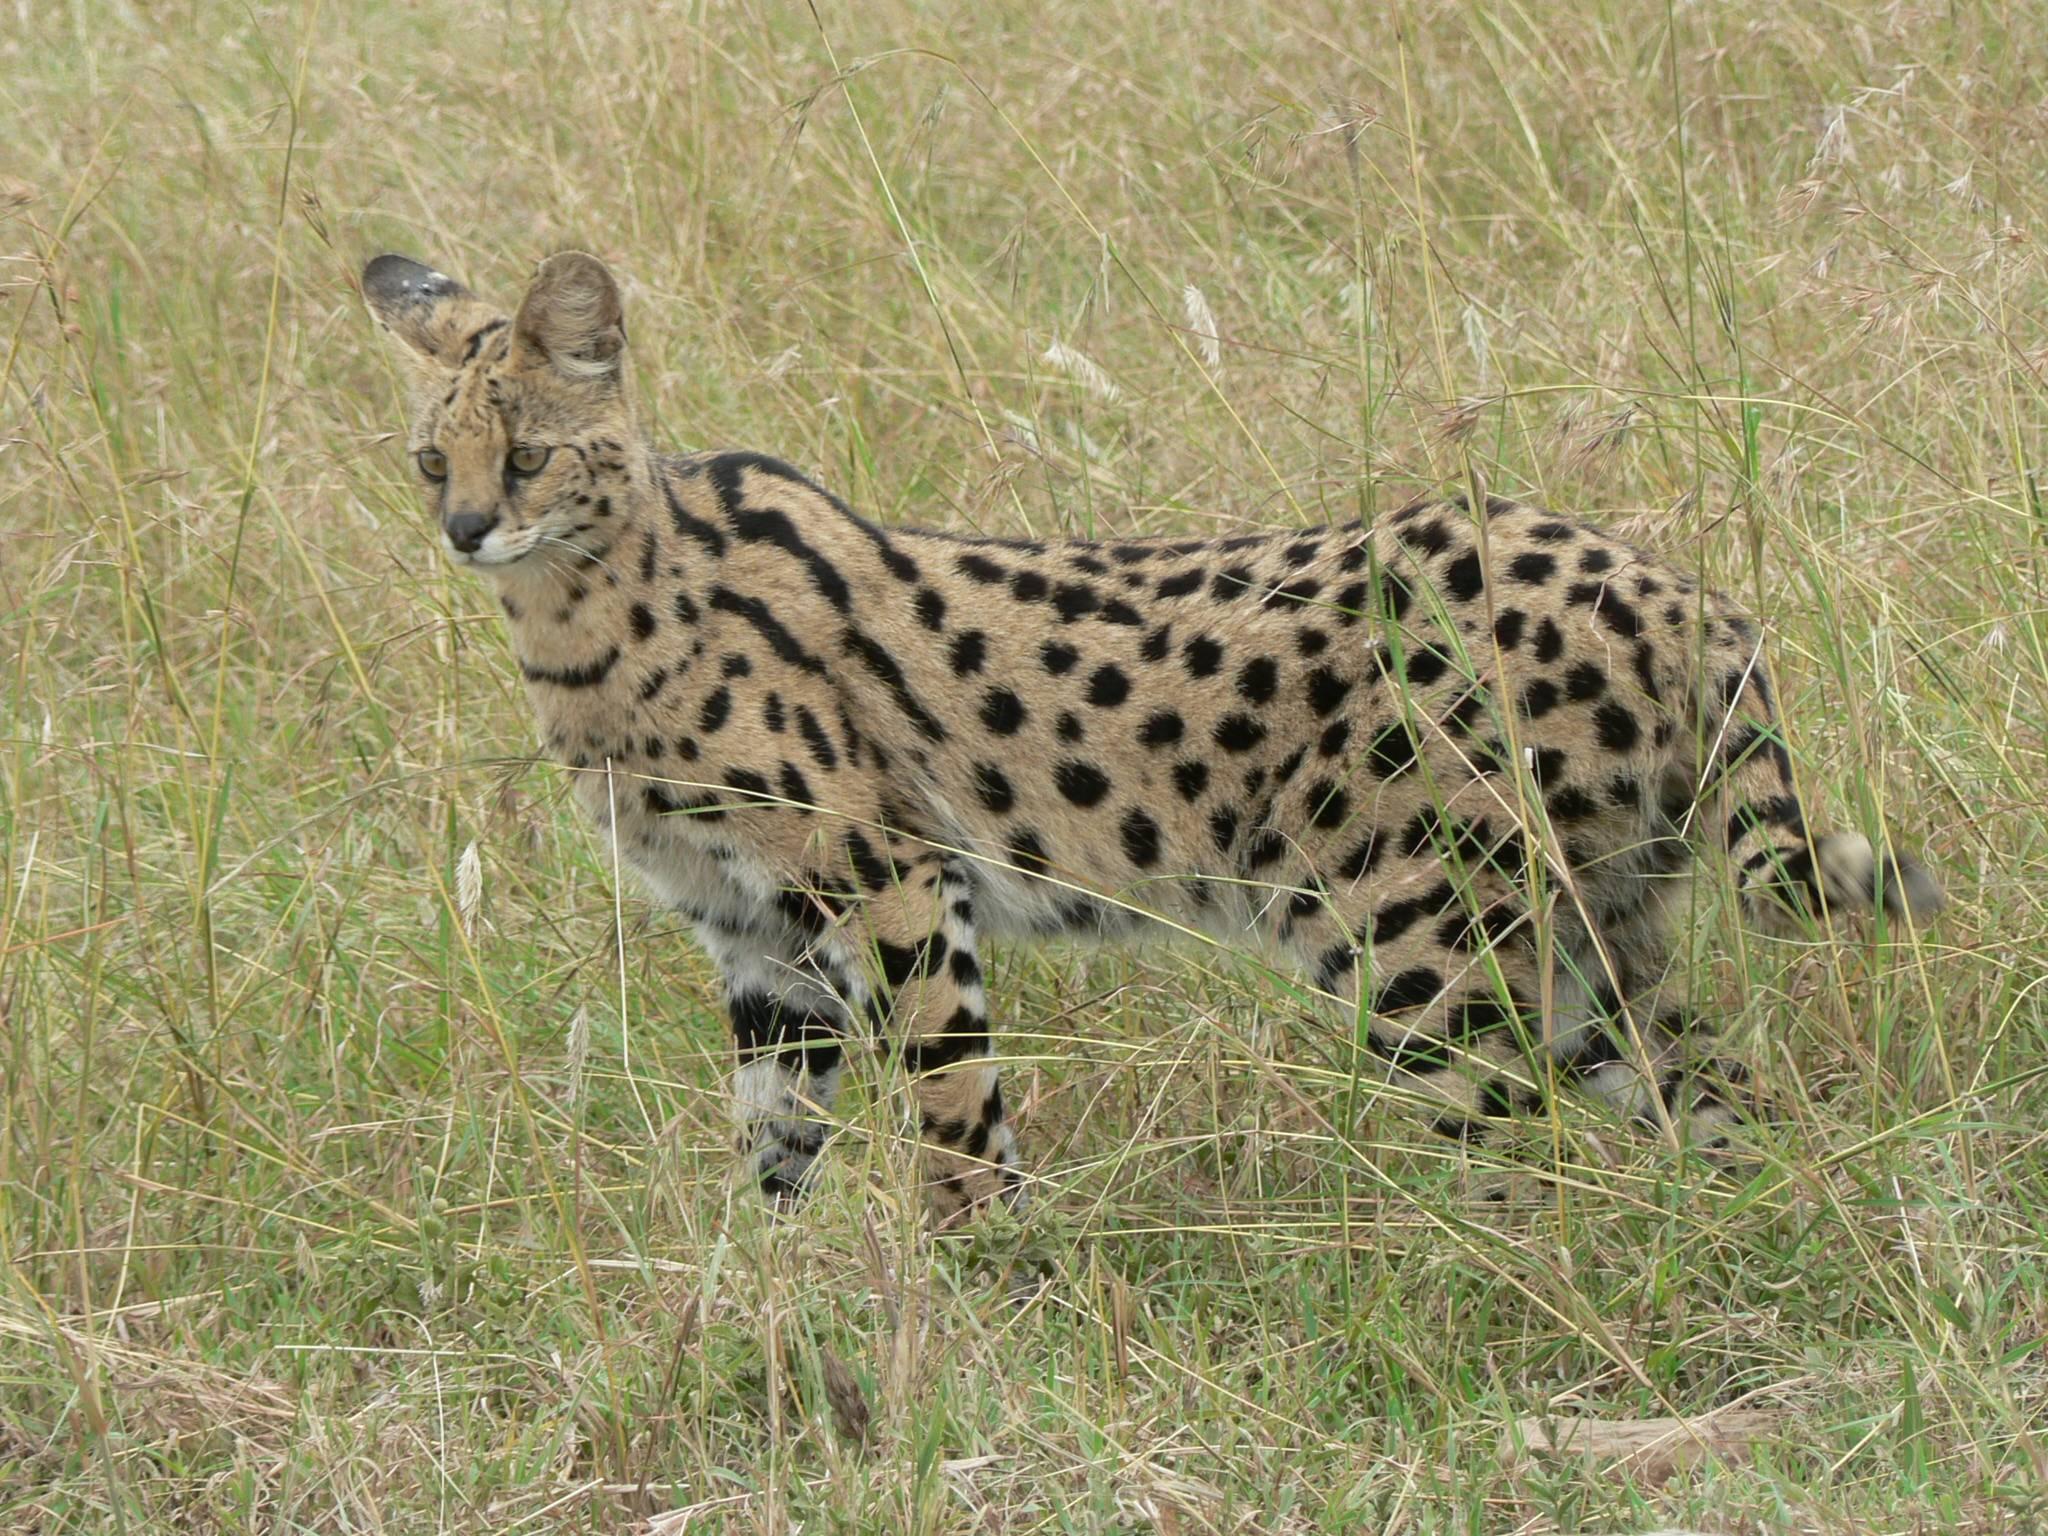 Serval in Tanzania